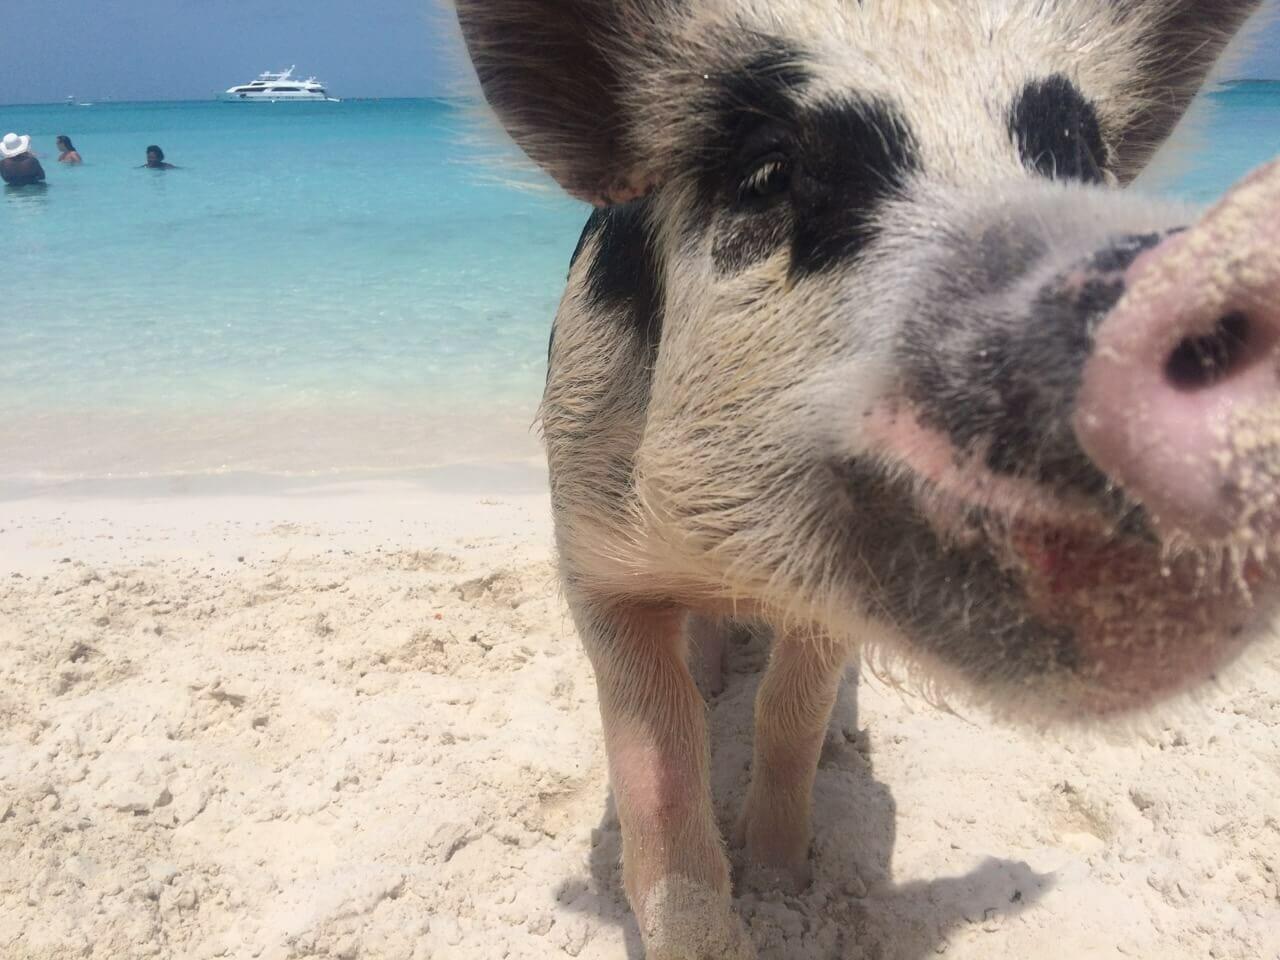 como llegar a la isla de los cerdos